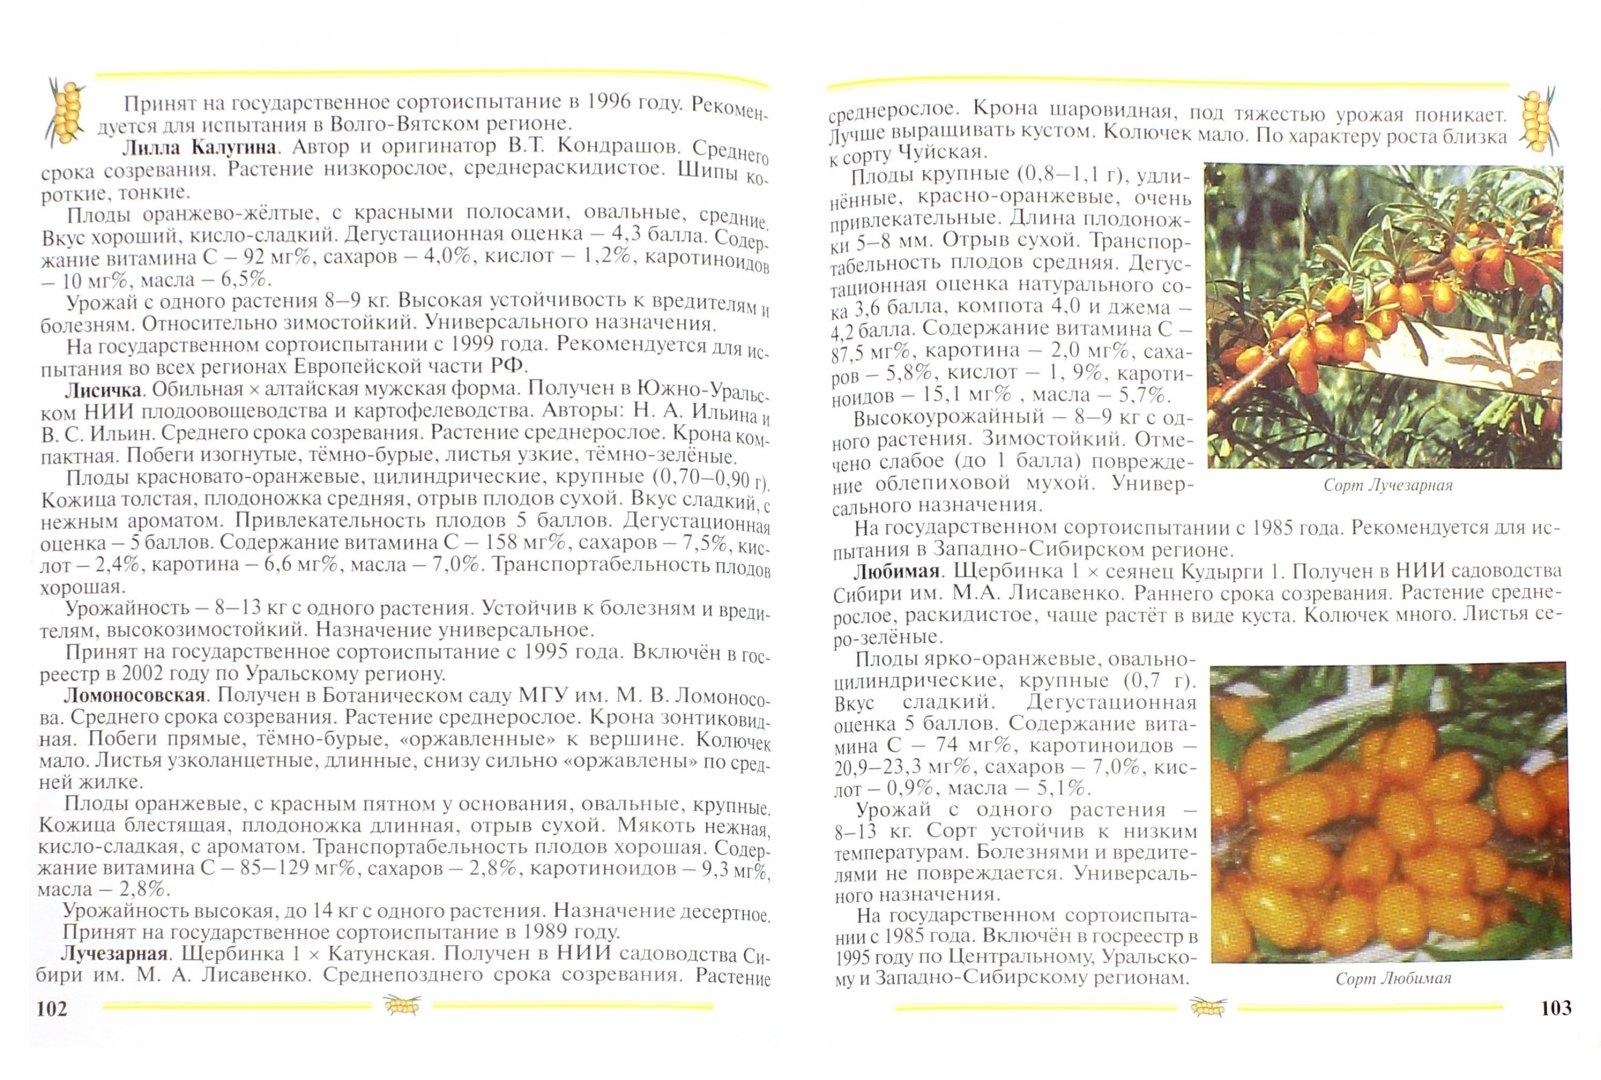 Иллюстрация 1 из 23 для Облепиха. Пособие для садоводов-любителей - Людмила Скалий   Лабиринт - книги. Источник: Лабиринт